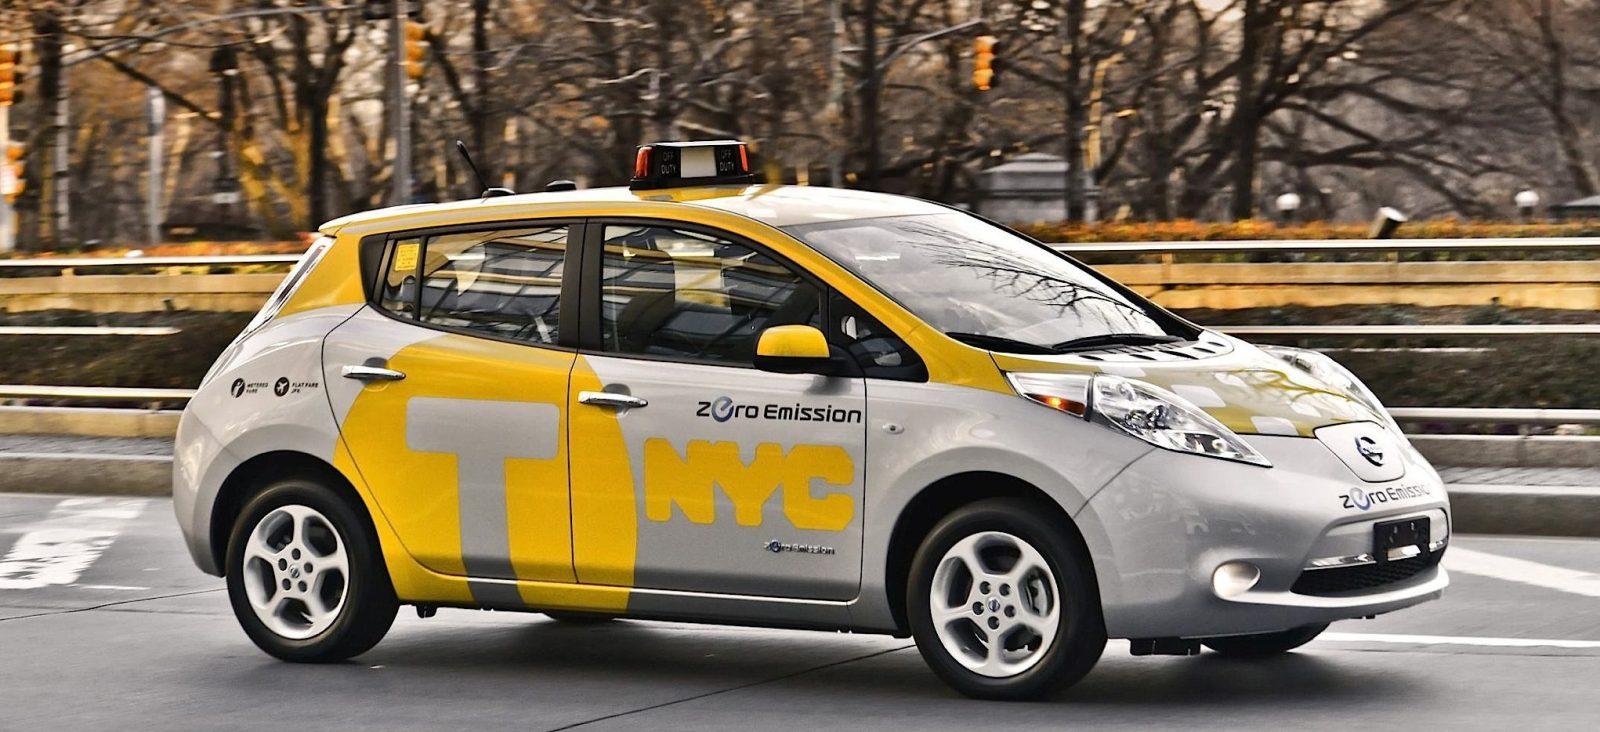 190524 nyc taxis nissan-leaf-taxi-e1463668877442.jpg